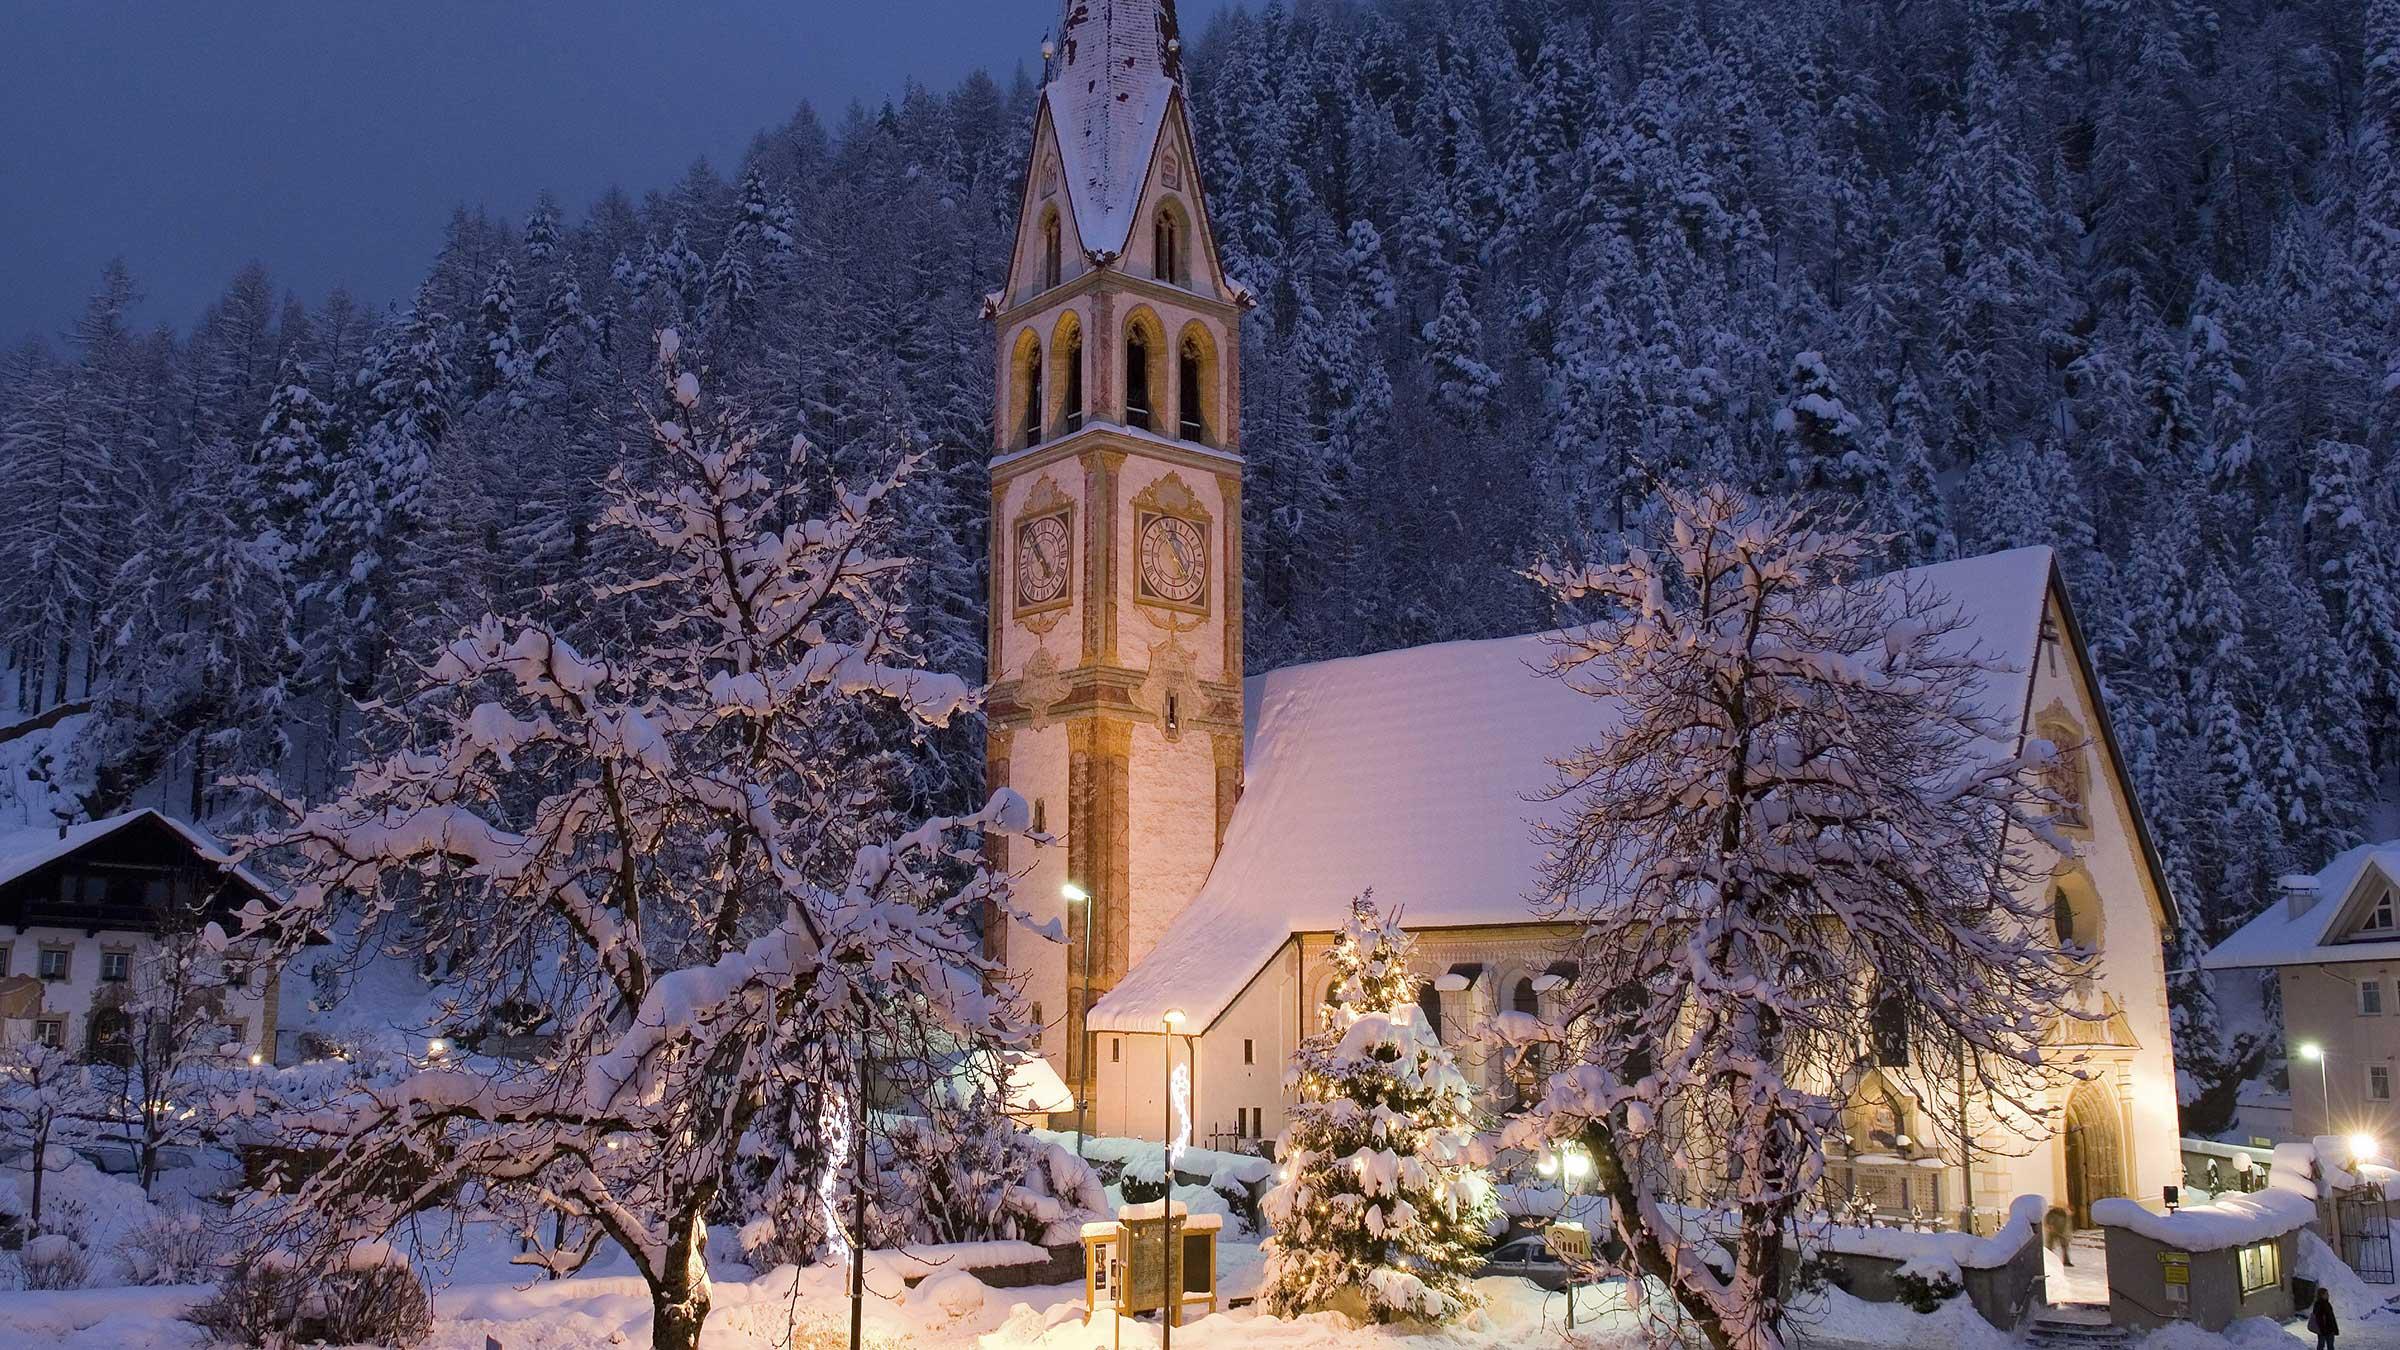 Pfarrkirche Längenfeld - Weihnachtsurlaub im Ötztal